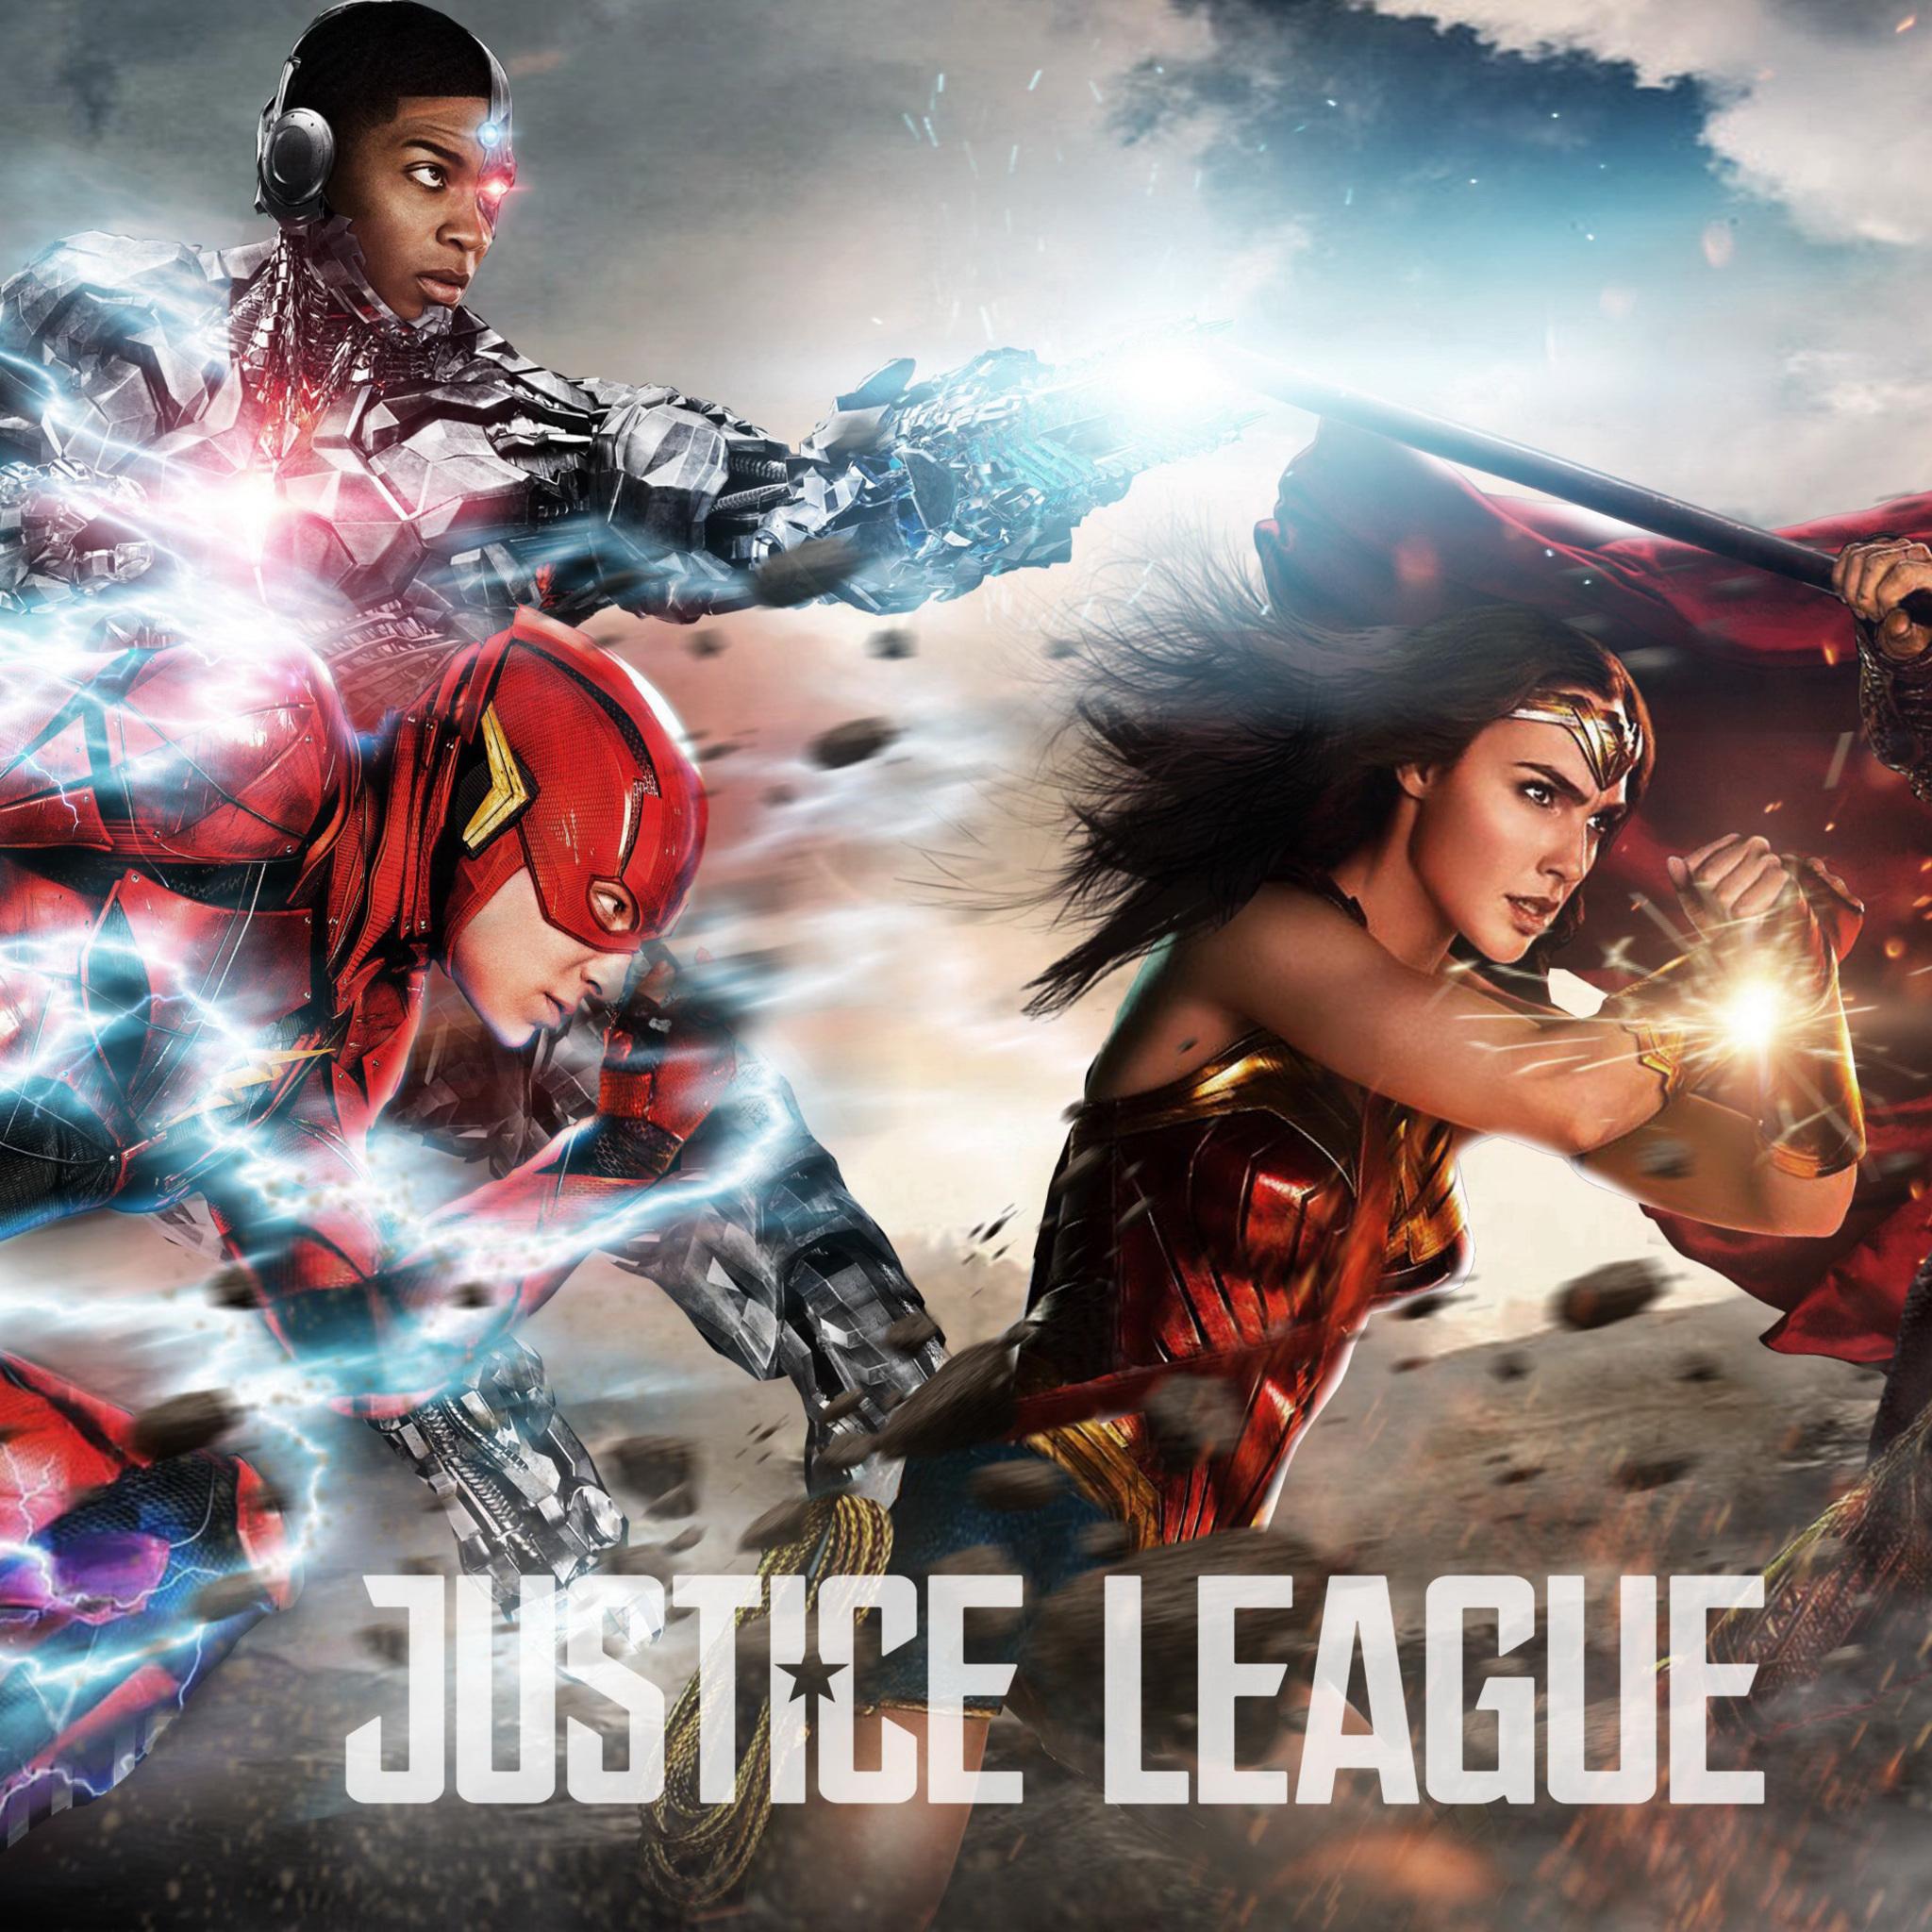 justice-league-2017-fan-art-9e.jpg